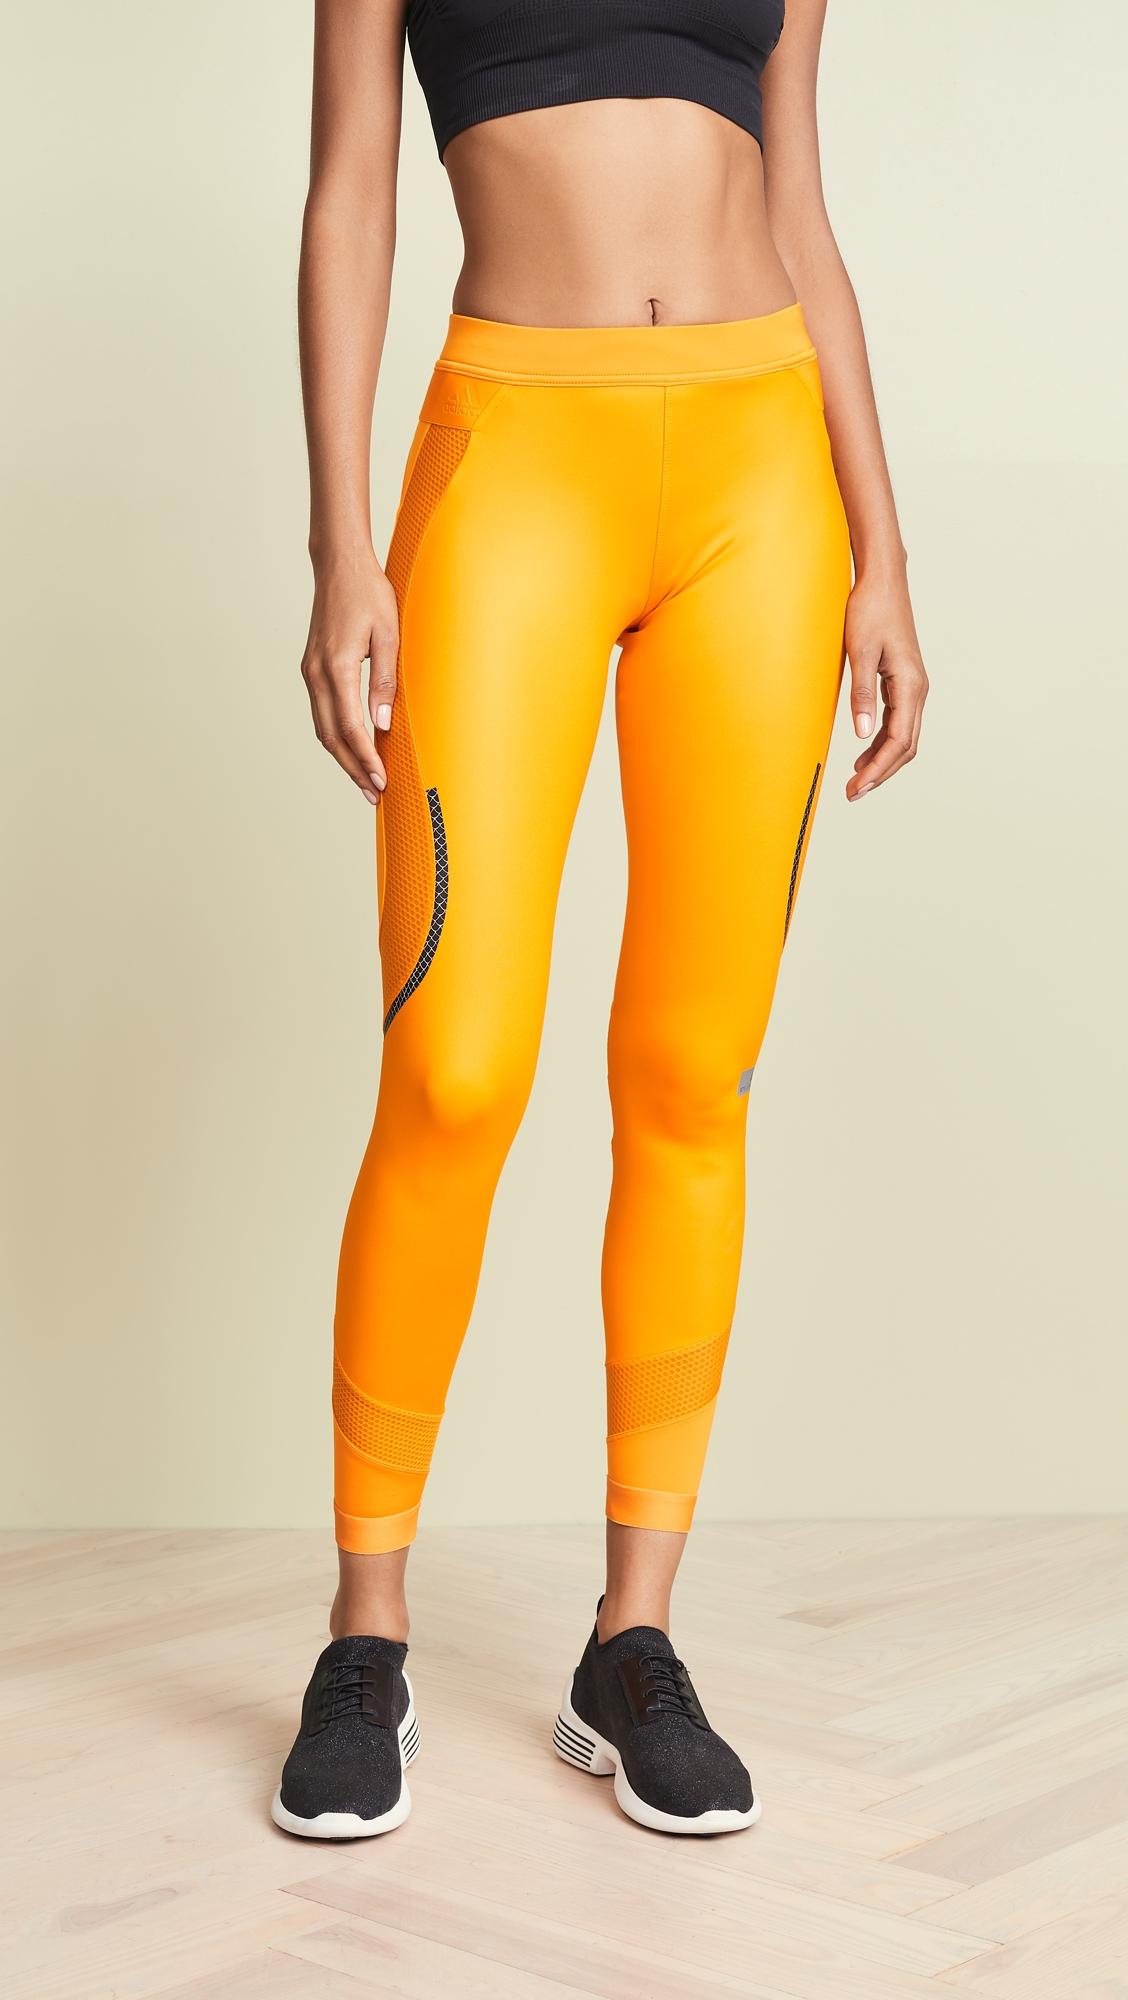 d15f01e0735 Run Long Shiny Leggings | Products | Shiny leggings, Stella ...